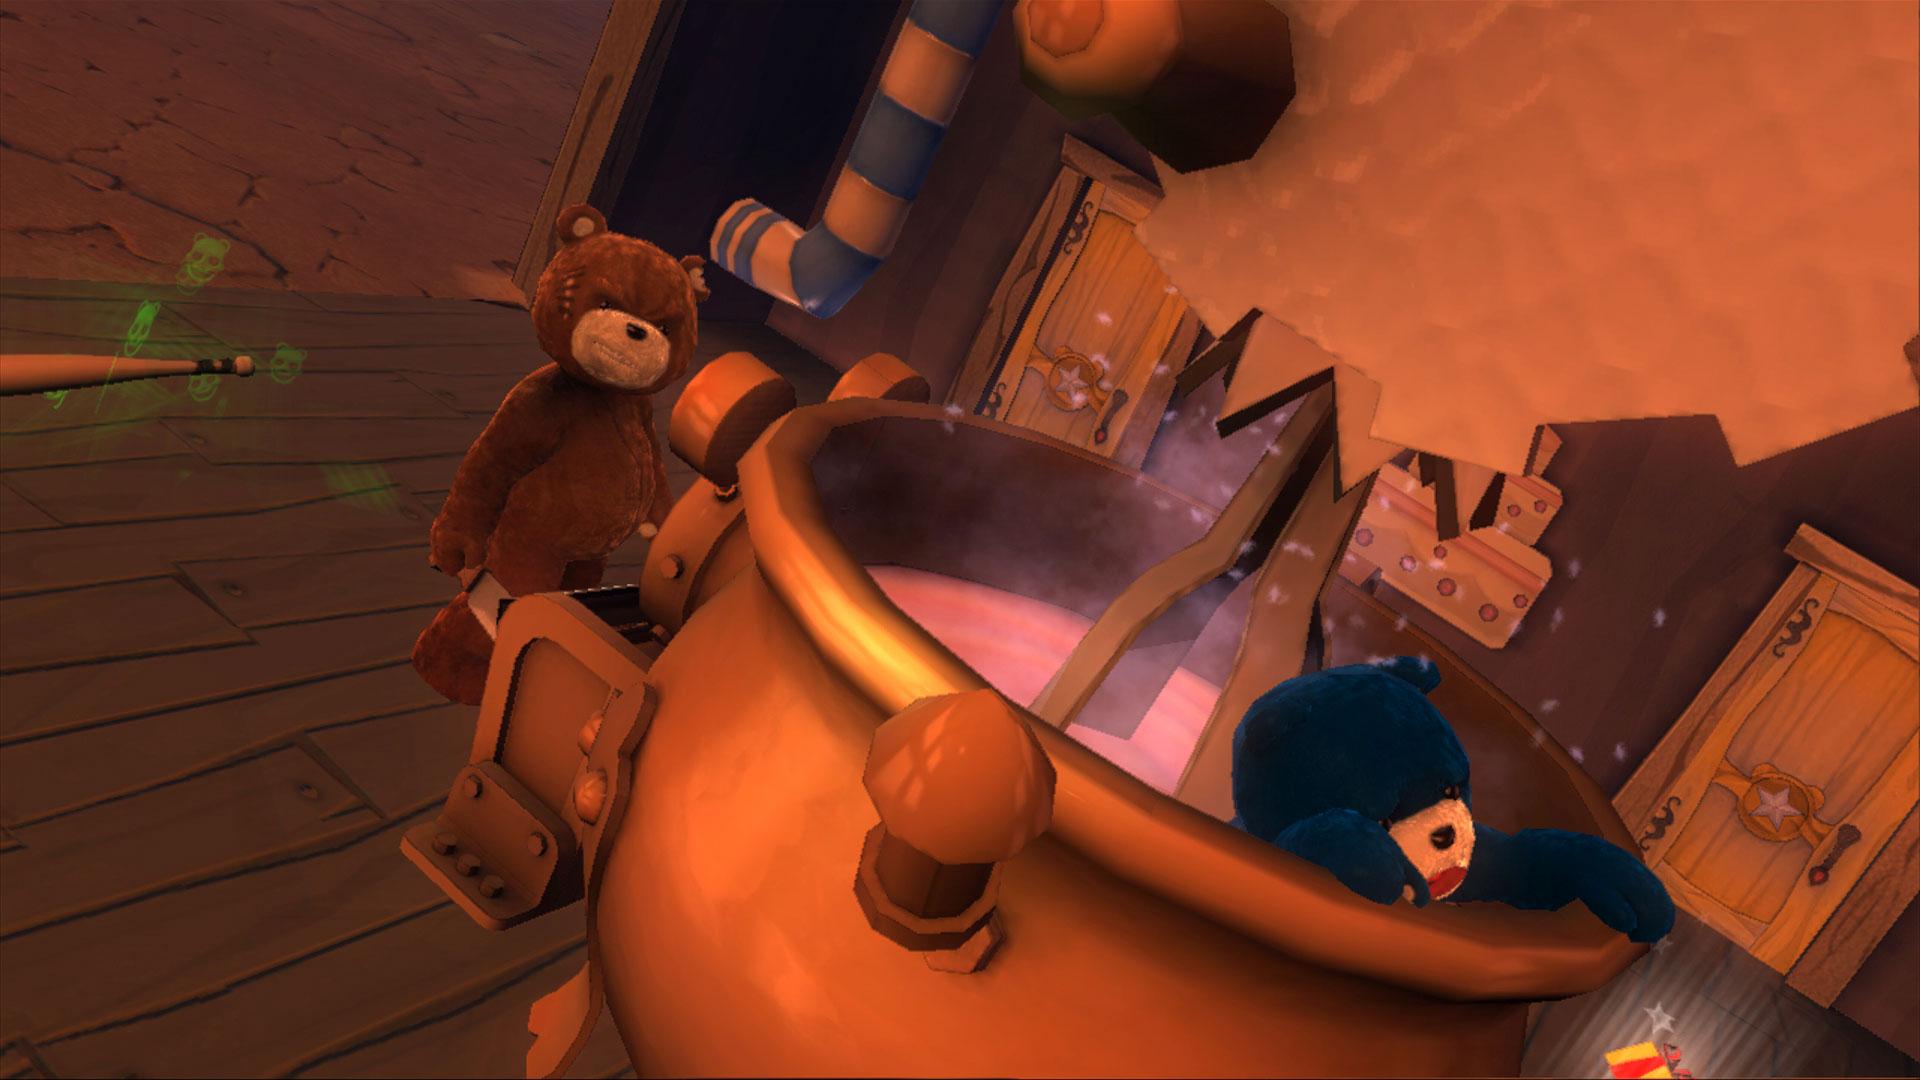 DLC pro Naughty Bear s pirátskou tématikou 8551